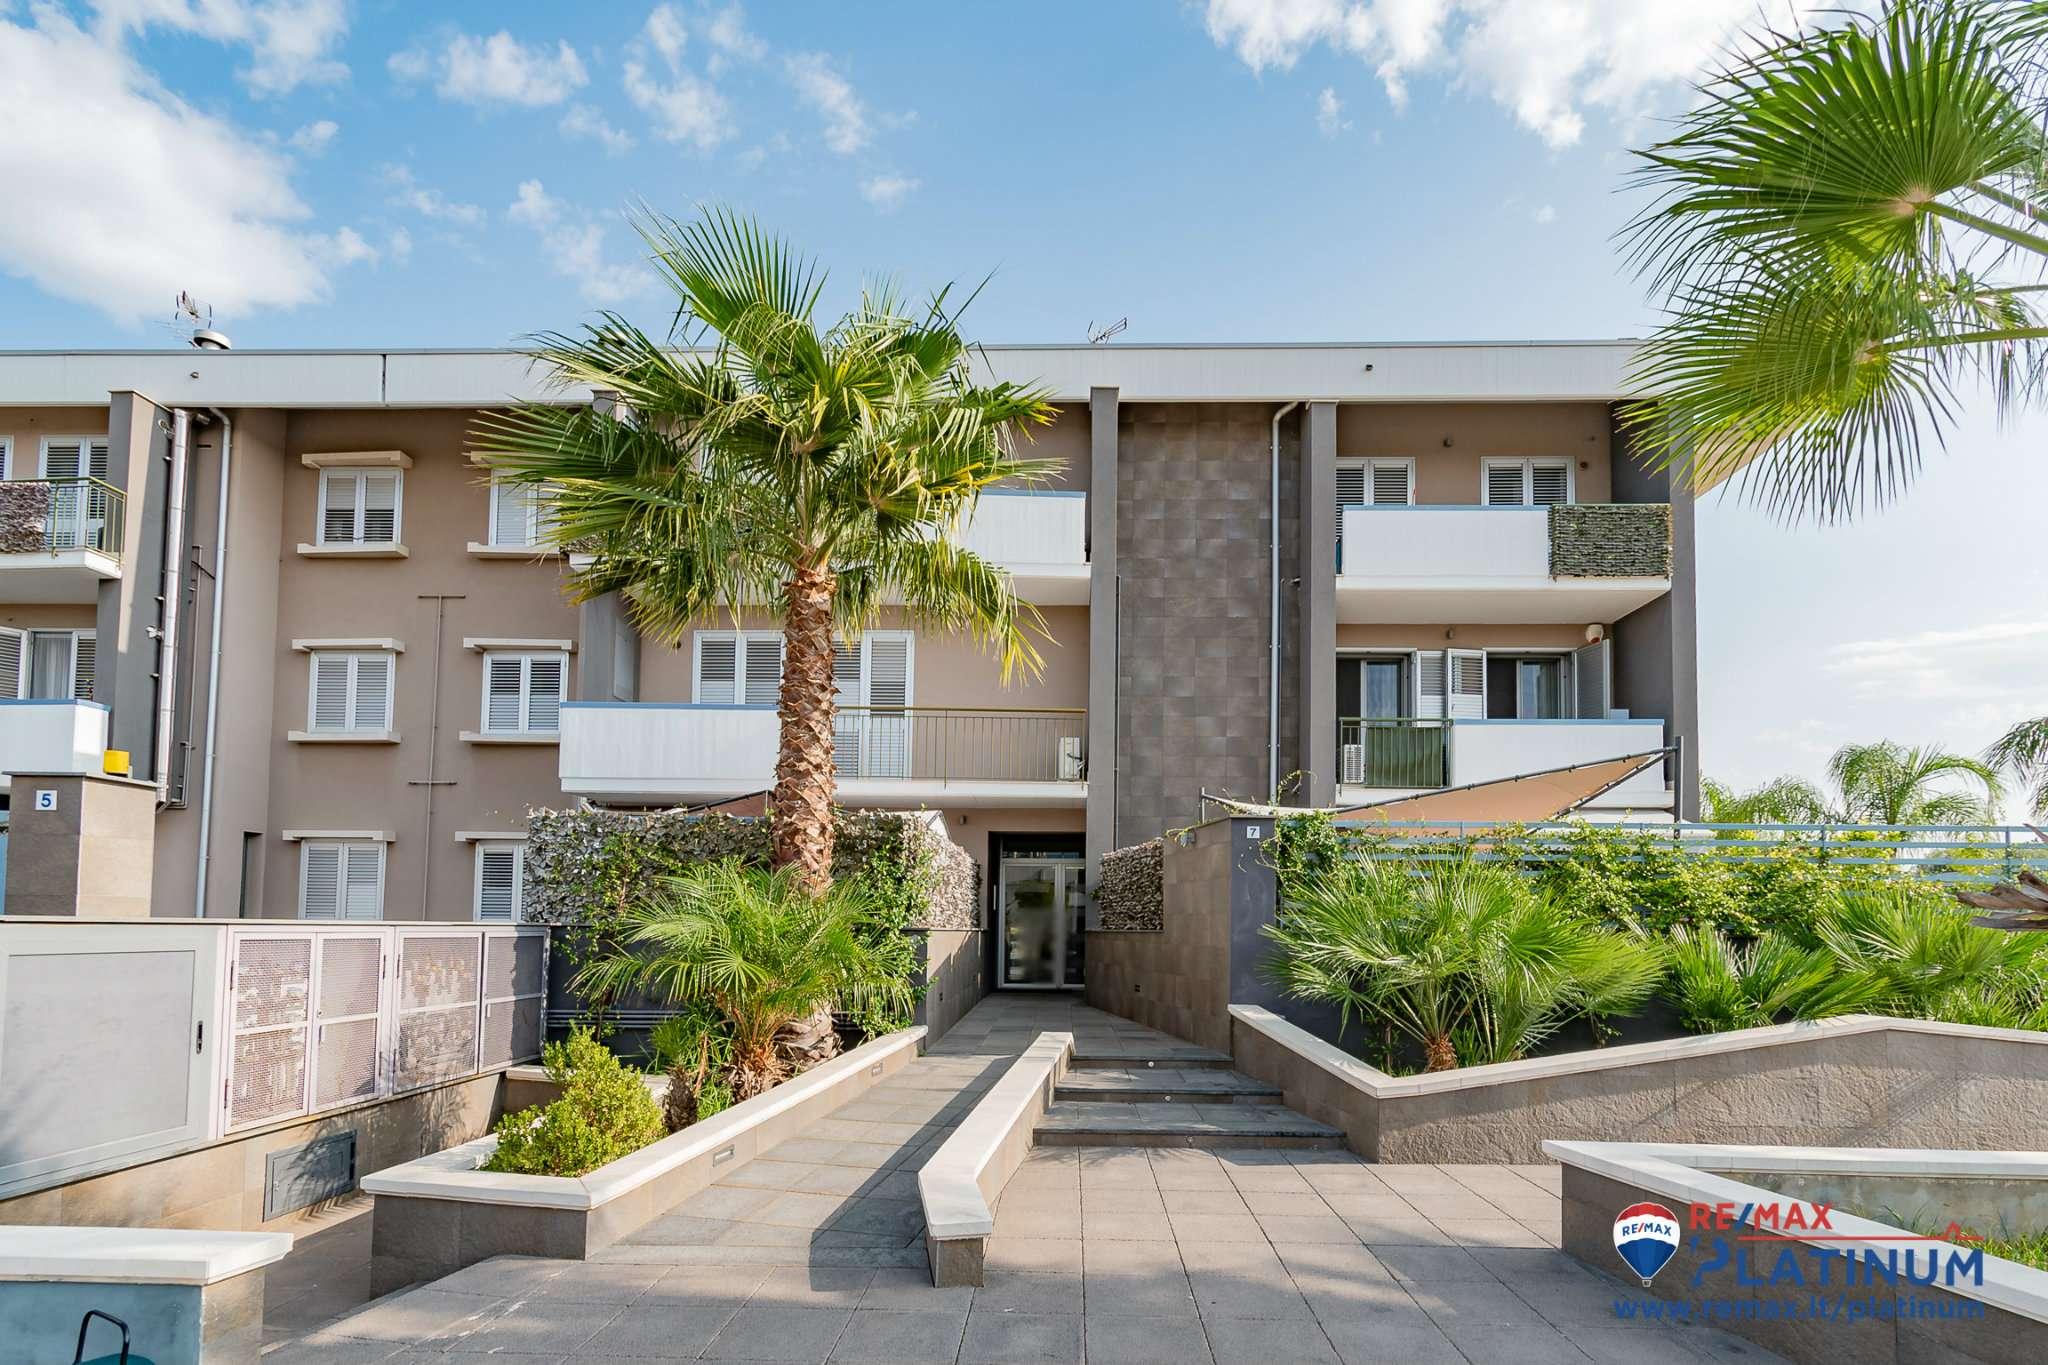 Appartamento in vendita a Misterbianco, 4 locali, prezzo € 160.000 | PortaleAgenzieImmobiliari.it